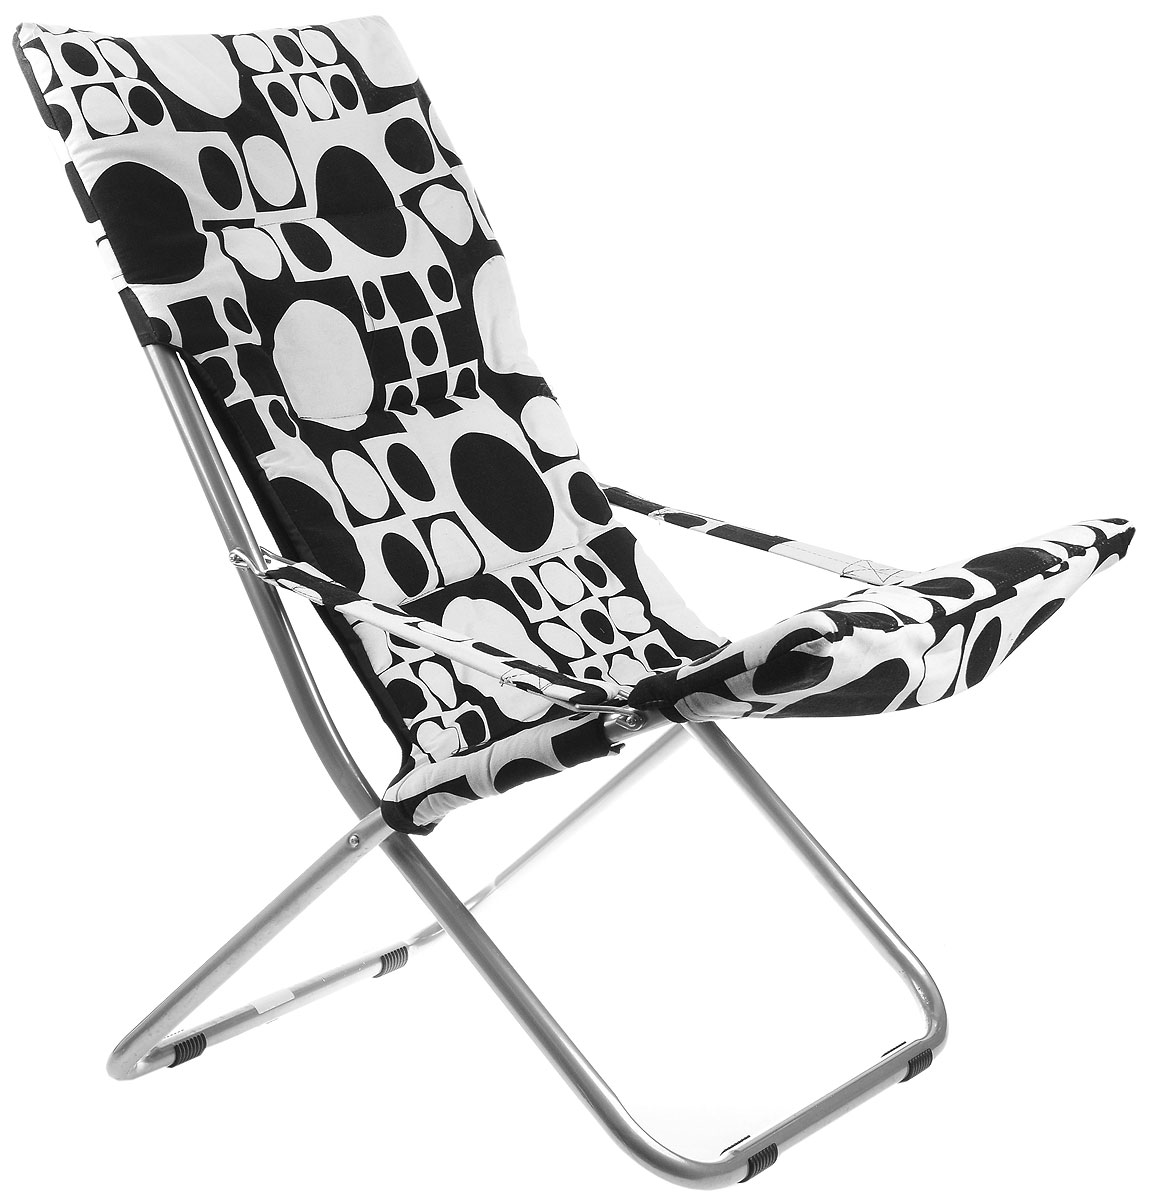 """На складном кресле """"Wildman"""" можно удобно расположиться в тени деревьев, отдохнуть в приятной прохладе летнего вечера.В использовании такое кресло достойно самых лучших похвал. Кресло выполнено из текстиля, каркас металлический. Мягкий съемный чехол с наполнителем из синтепона крепится на кресло при помощи застежек-липучек. В сложенном виде кресло удобно для хранения и переноски."""